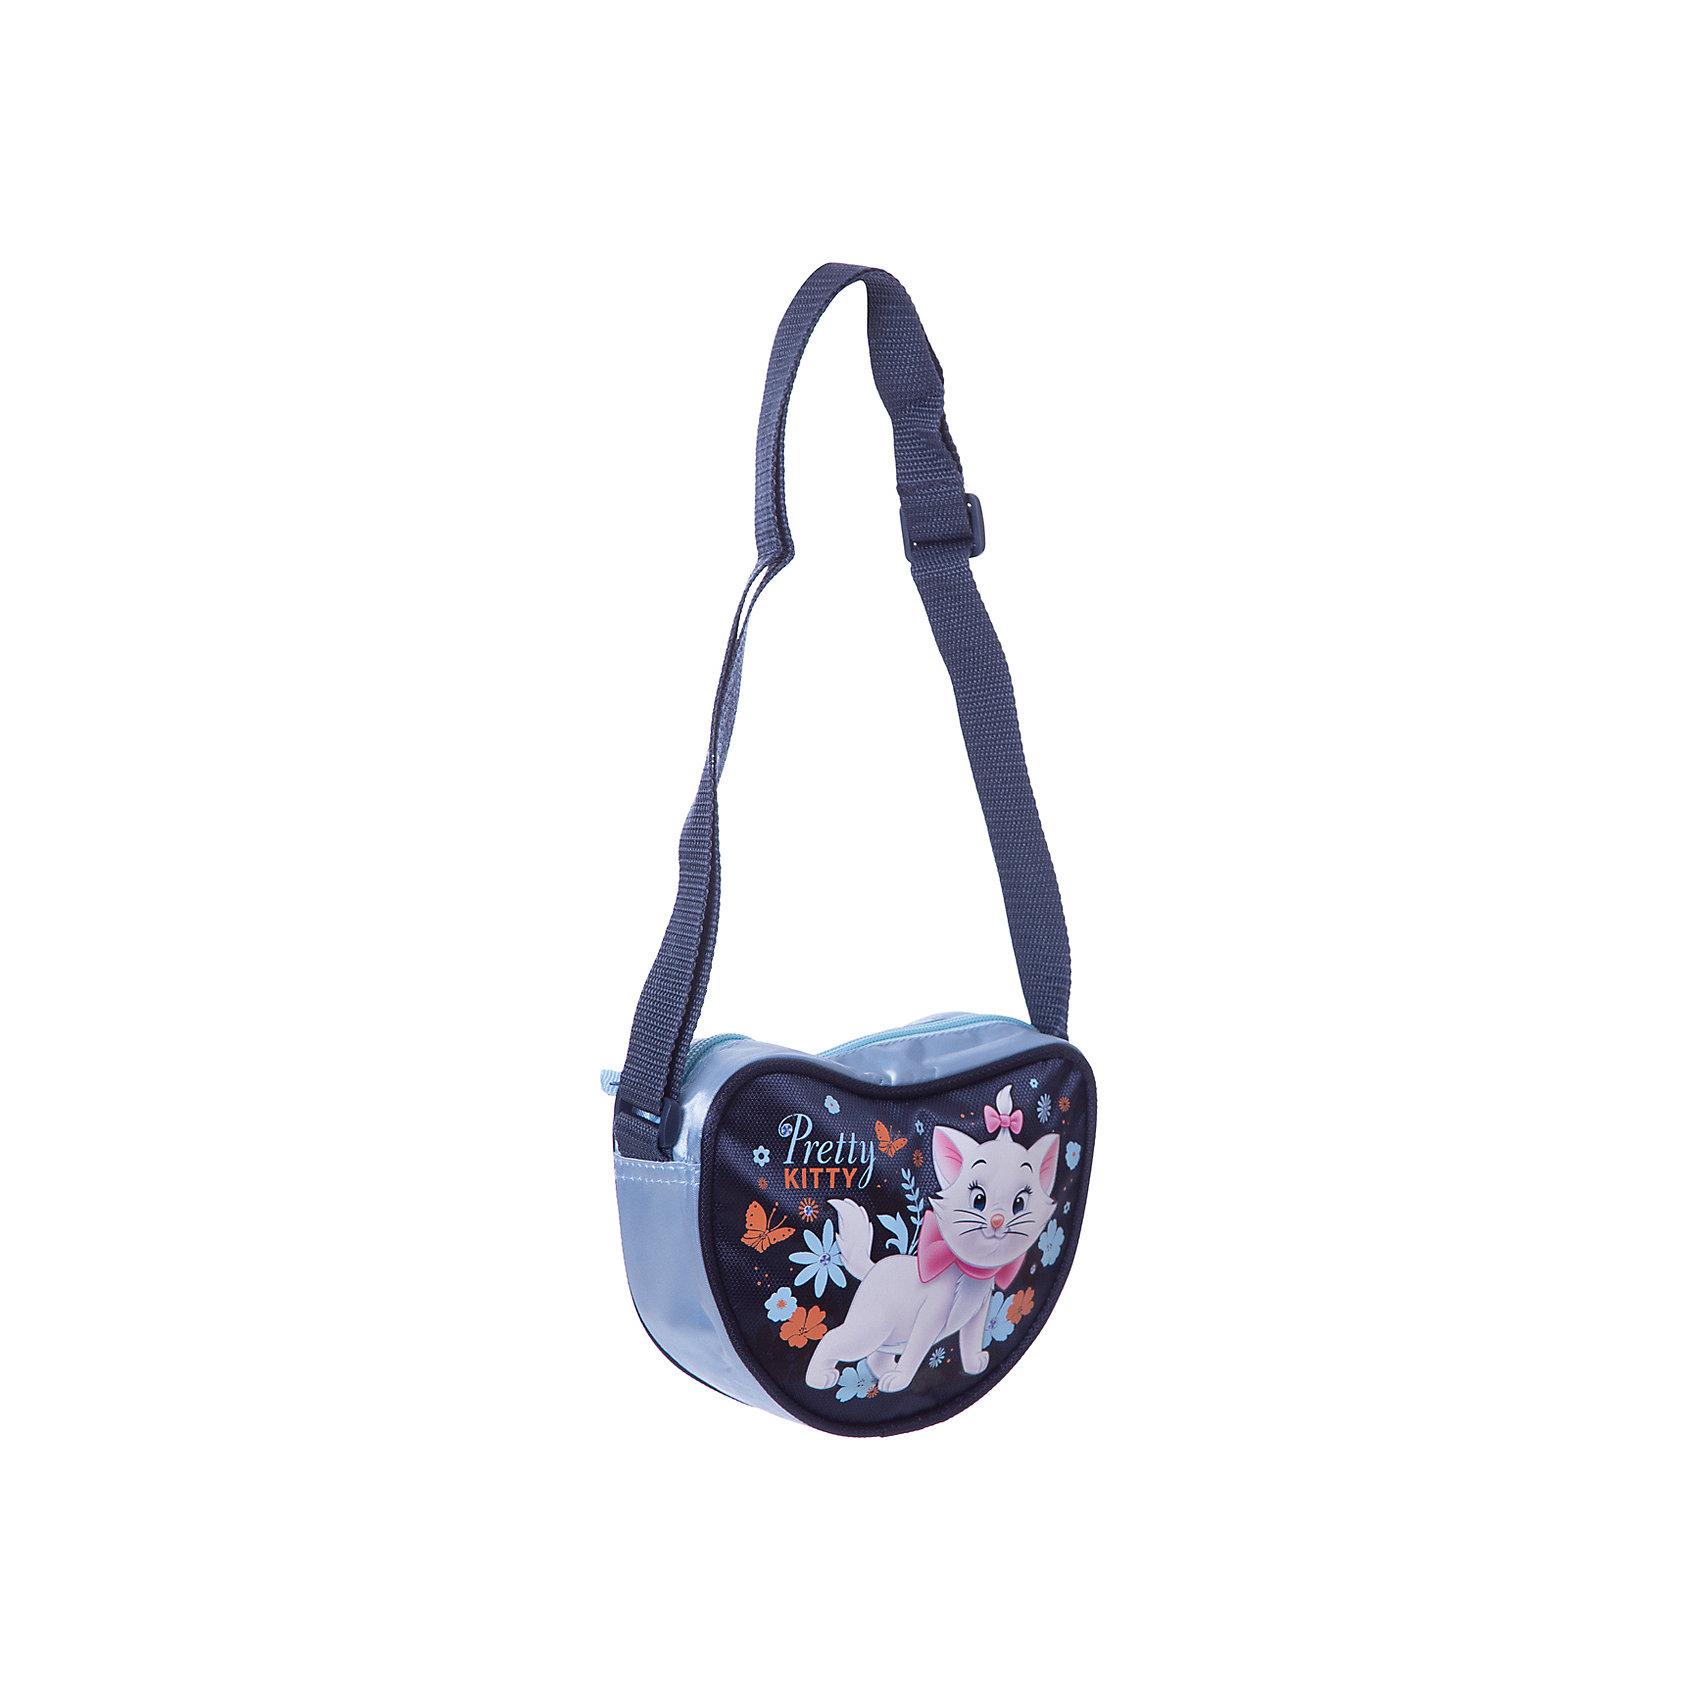 Сумка-сердечко Кошка Мари, Коты-АристократыСумка Cat (кошка Мари) в форме сердечка замечательный вариант для длительных прогулок а также стильный аксессуар для маленькой модницы. Симпатичная сумочка несмотря на свои небольшие габариты, вместит все самое необходимое. Сумочка носится через плечо, лямка регулируется, застежка на молнии. Лицевая сторона украшена изображением очаровательной белой кошечки Мери, героини диснеевского мультфильма  Коты Аристократы.<br><br>Дополнительная информация:<br><br>- Материал: полиэстер.<br>- Размер: 13 x 18 x 5 см.<br>- Вес: 100 гр.<br><br>Сумку Marie Cat можно купить в нашем интернет-магазине.<br><br>Ширина мм: 130<br>Глубина мм: 180<br>Высота мм: 50<br>Вес г: 158<br>Возраст от месяцев: 96<br>Возраст до месяцев: 108<br>Пол: Женский<br>Возраст: Детский<br>SKU: 3563276